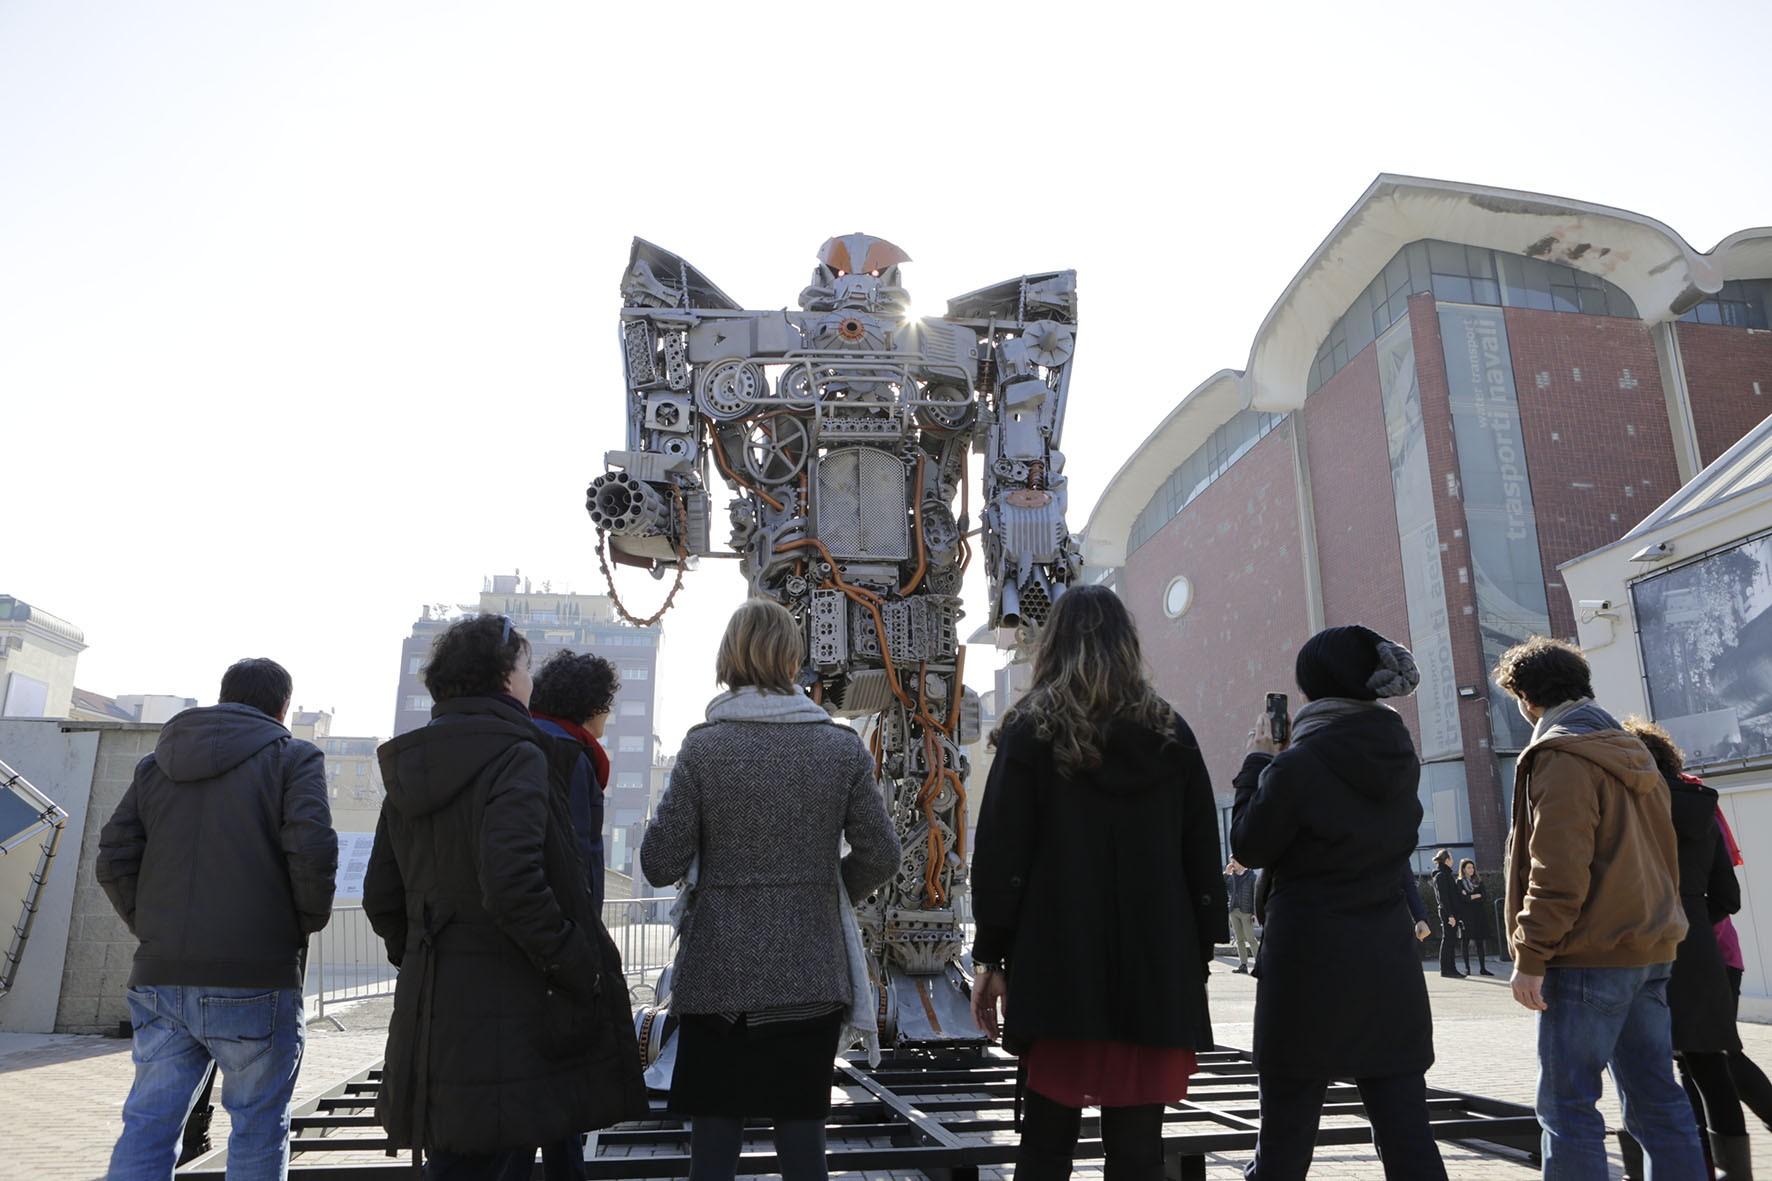 Amici arcisti amate i robot? Ecco un'occasione da non perdere! Ispirate ai celebri Transformers, alieni robotici che diventano mezzi di trasporto, le gigantesche creazioni dell'artista montenegrino Danilo Baletic invadono pacificamente il Museo Nazionale della Scienza e della Tecnologia. Prima tappa di un tour mondiale, apre al pubblico del Museo da domani, venerdì 3 marzo, fino […]